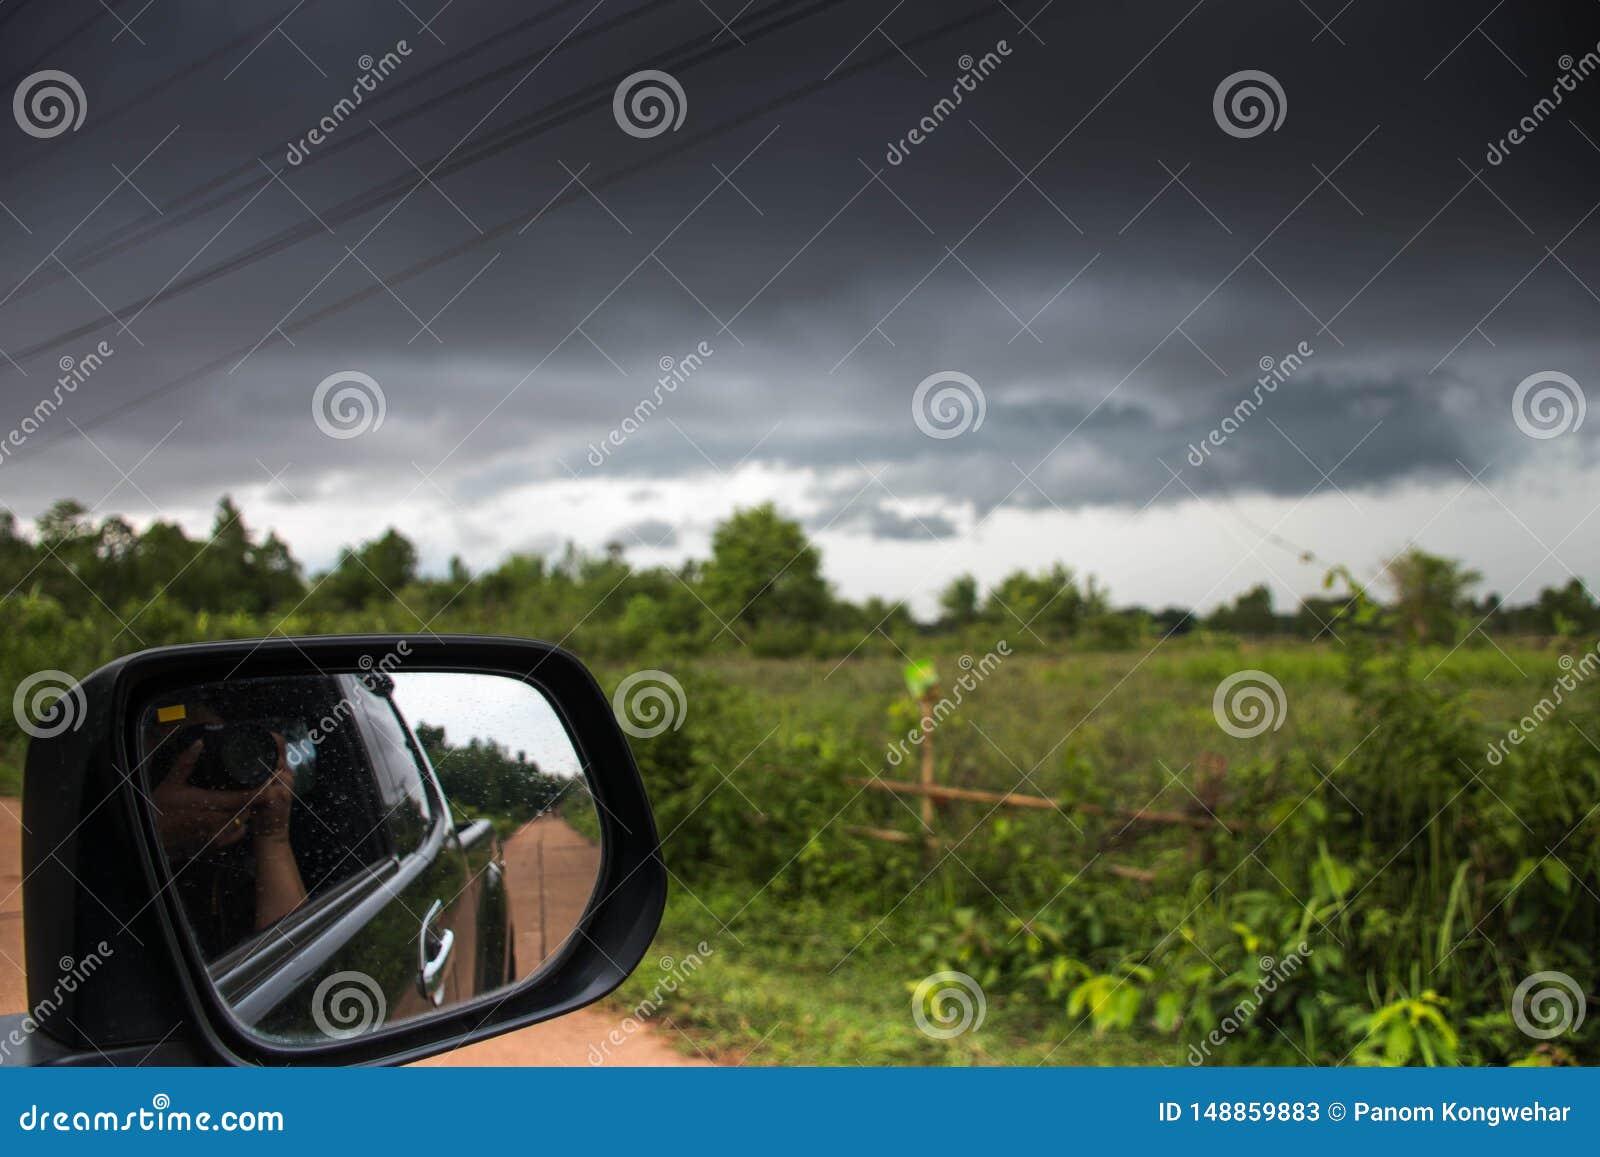 Prenez une photo d une tempête dans la voiture